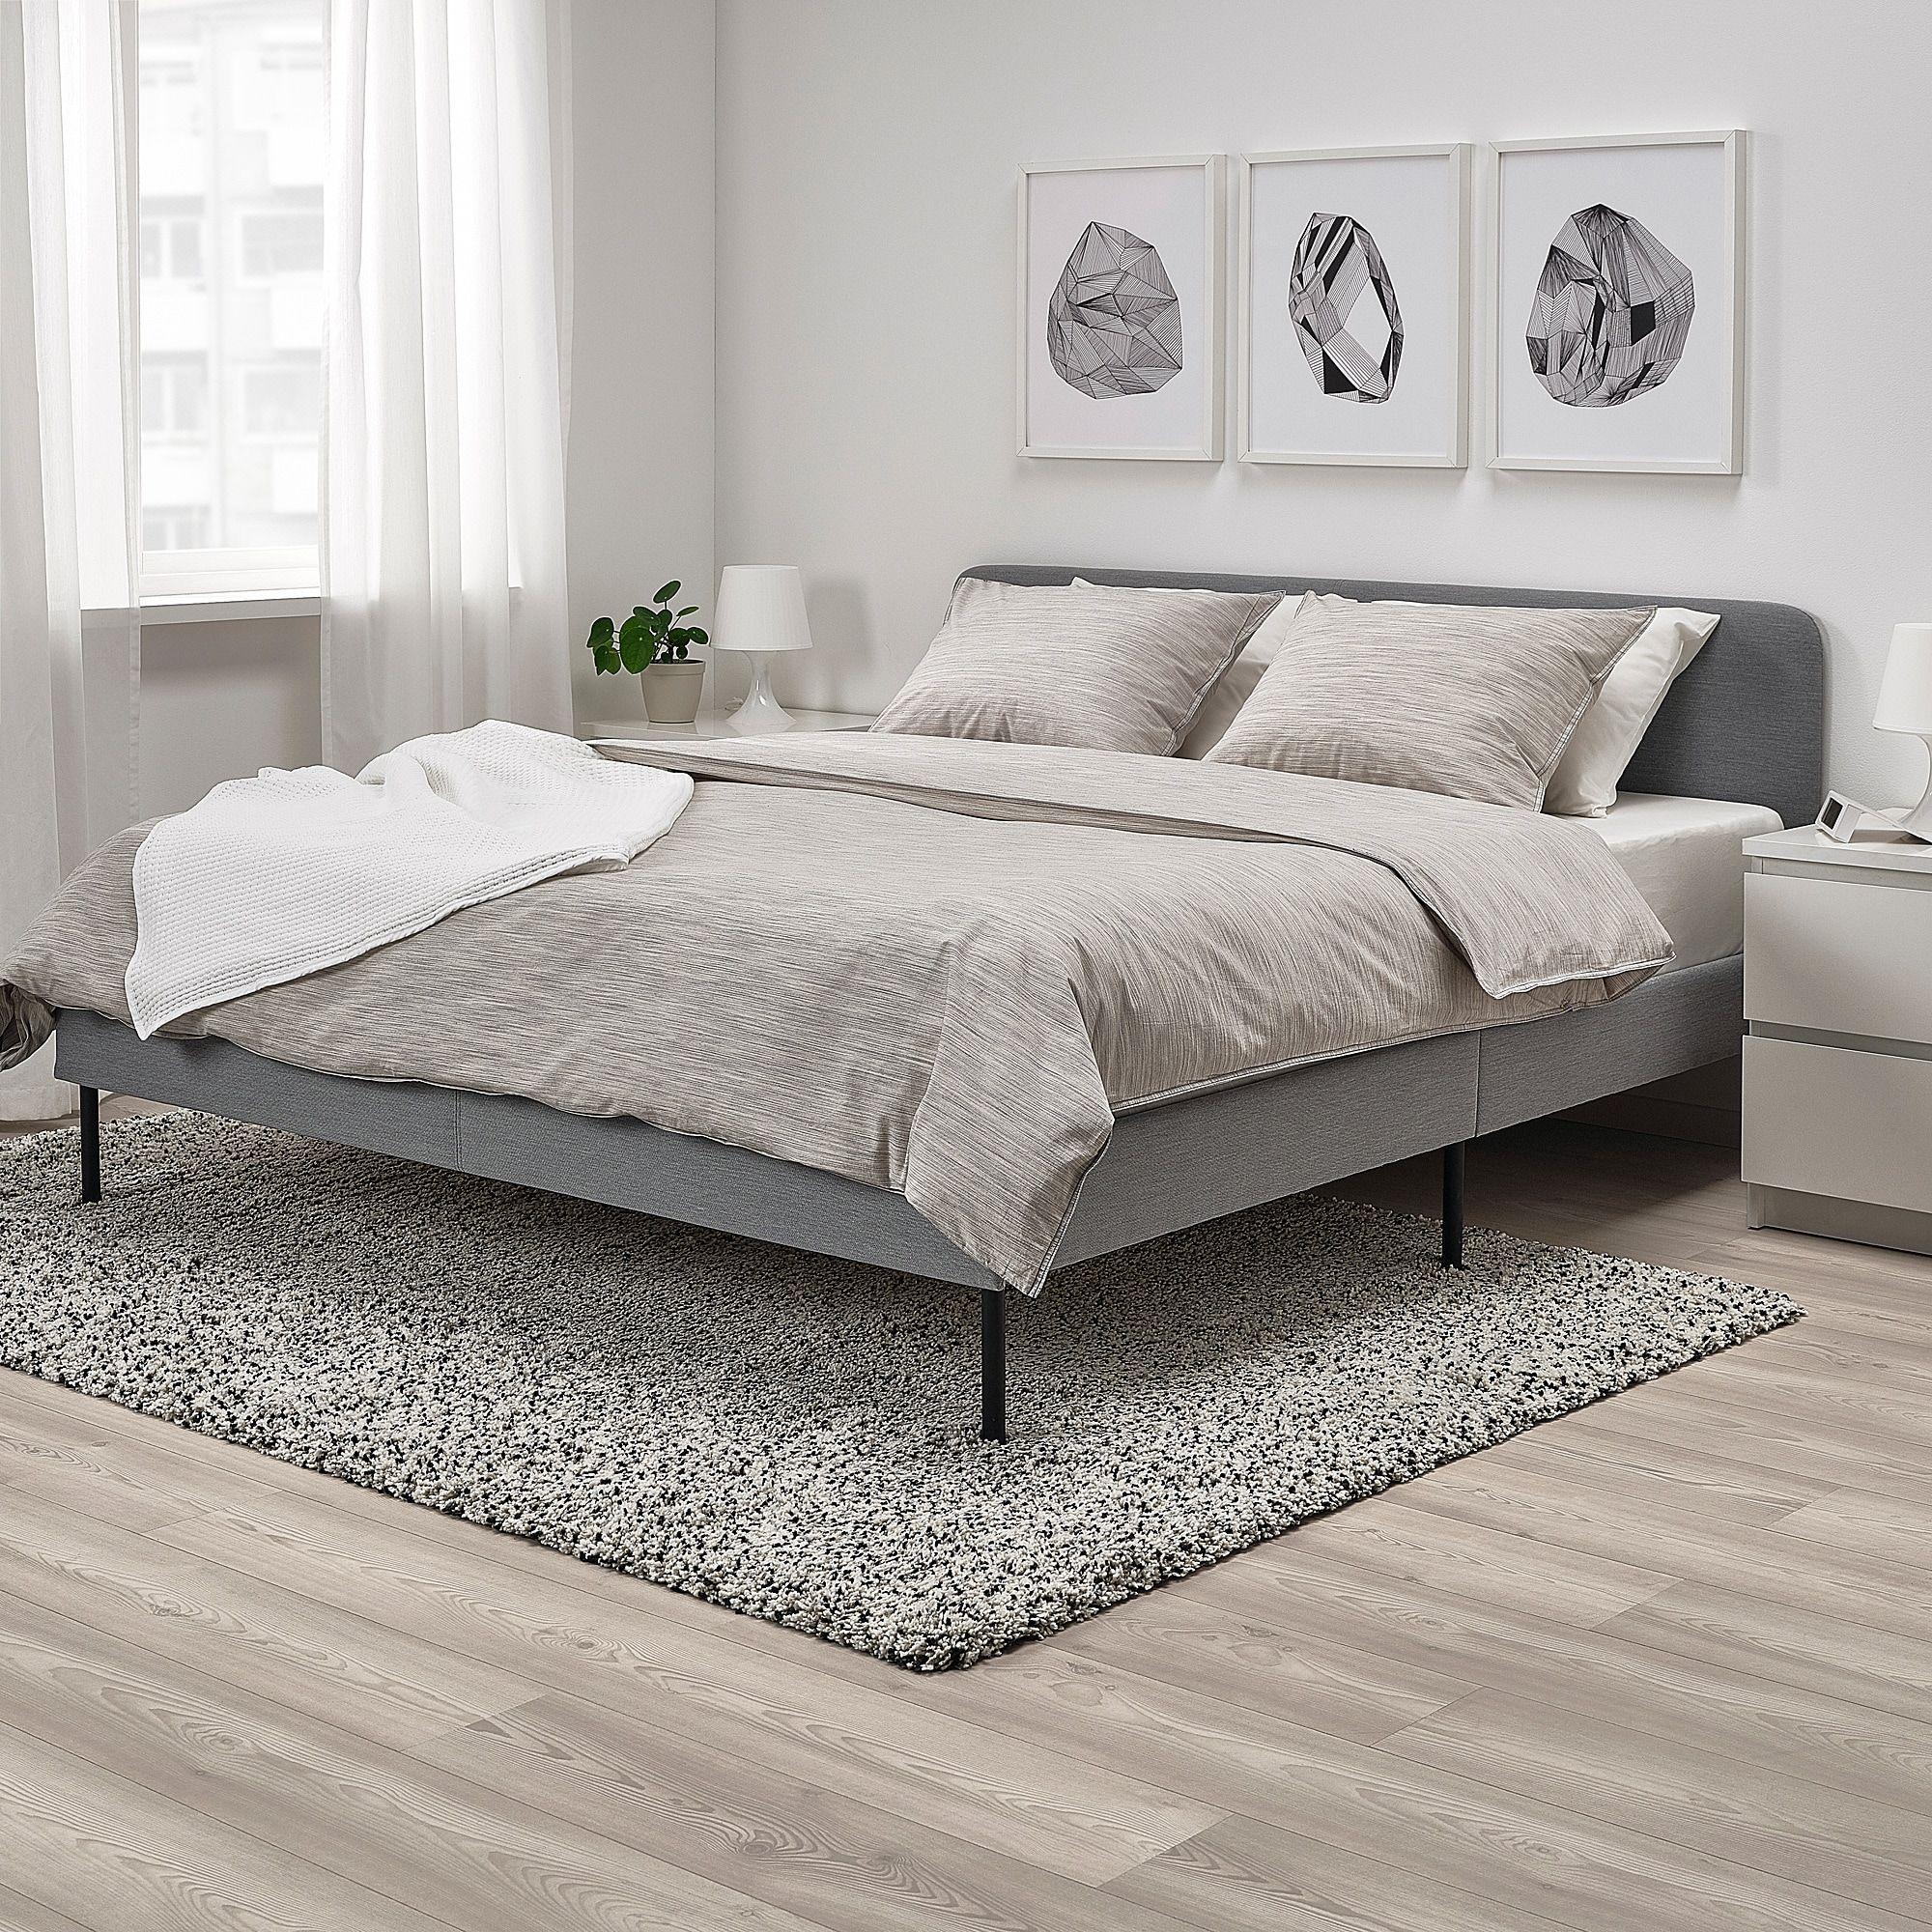 Slattum Upholstered Bed Frame Knisa Light Gray Full Grey